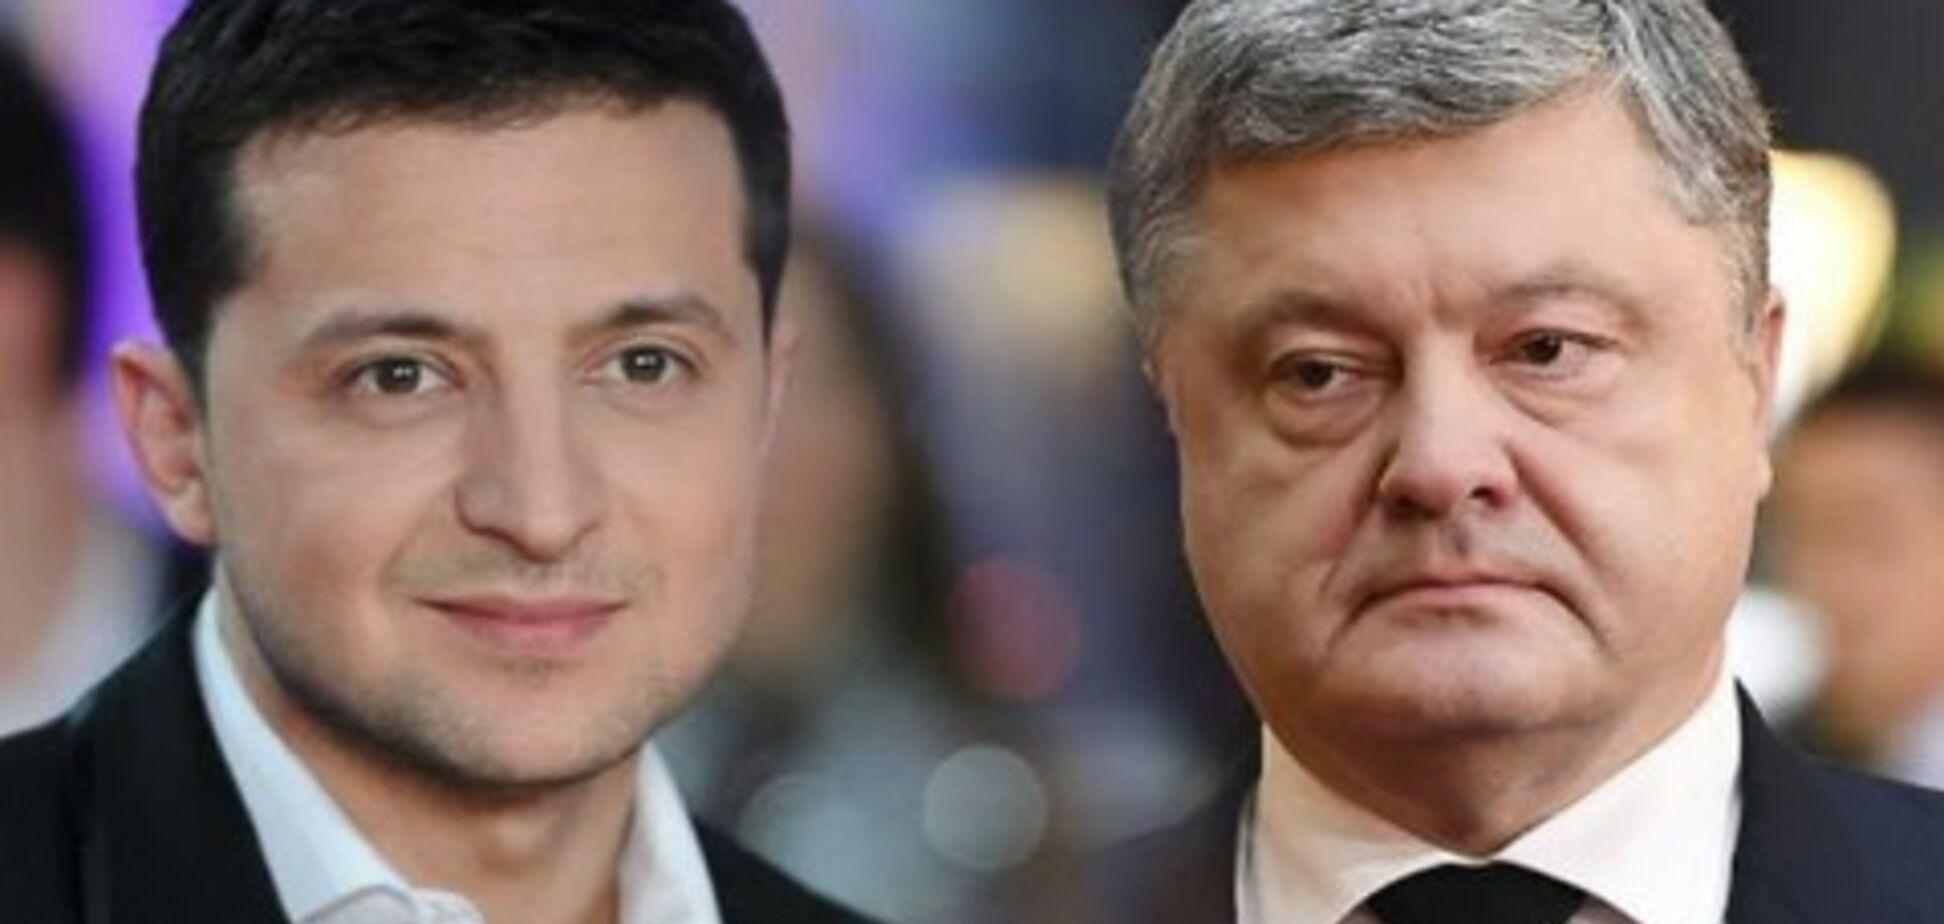 Зеленский vs Порошенко: в ''Опоре'' сказали, как дебаты повлияют на результат выборов